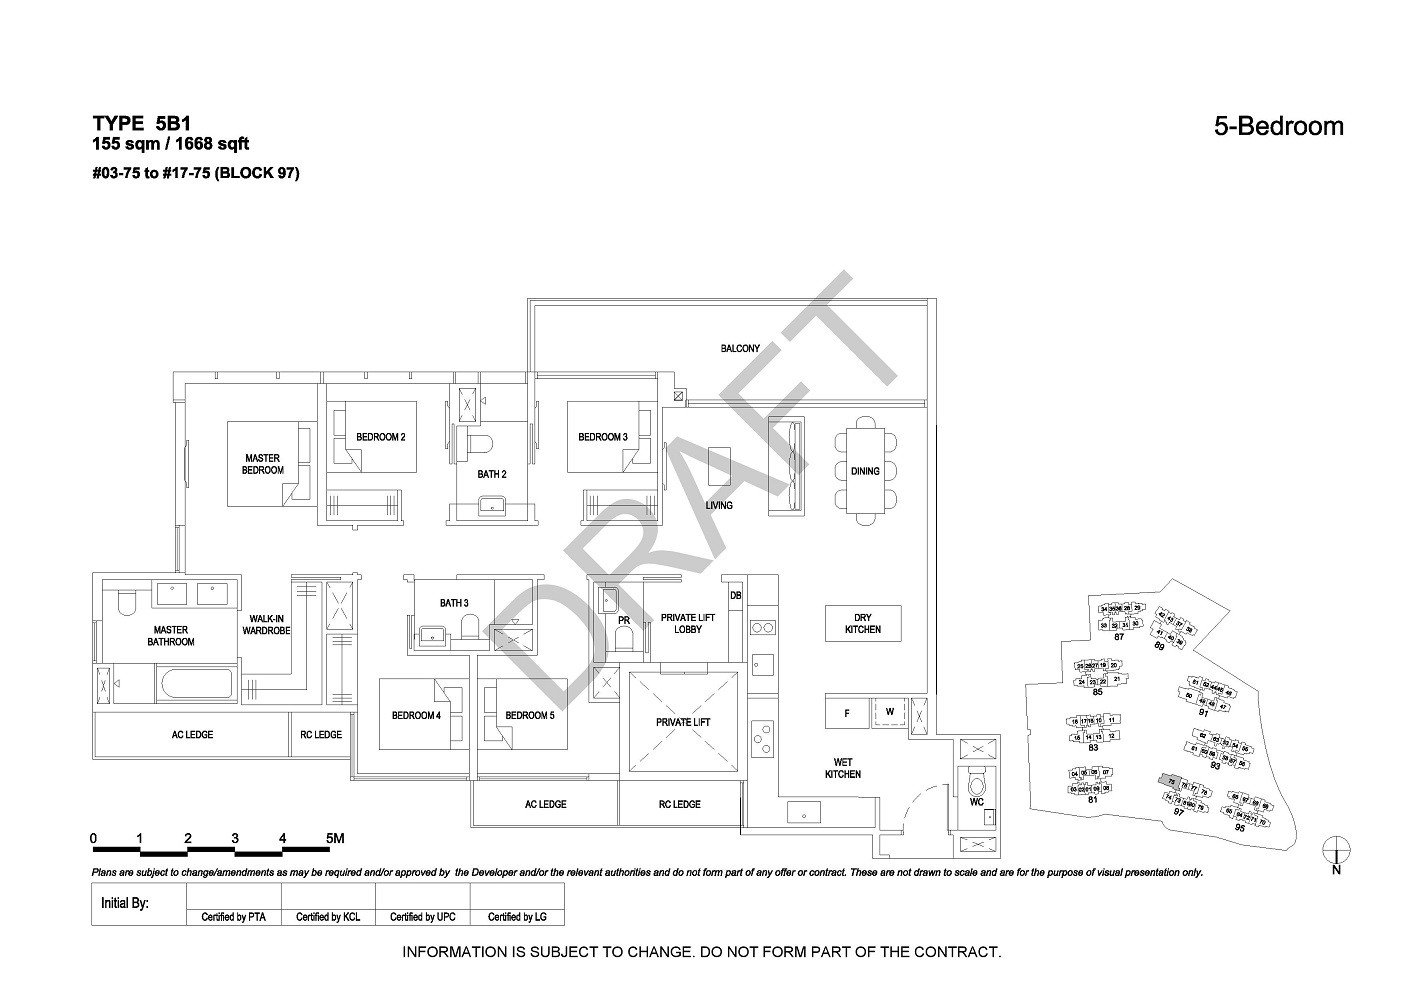 5 Bedroom Type 5B1